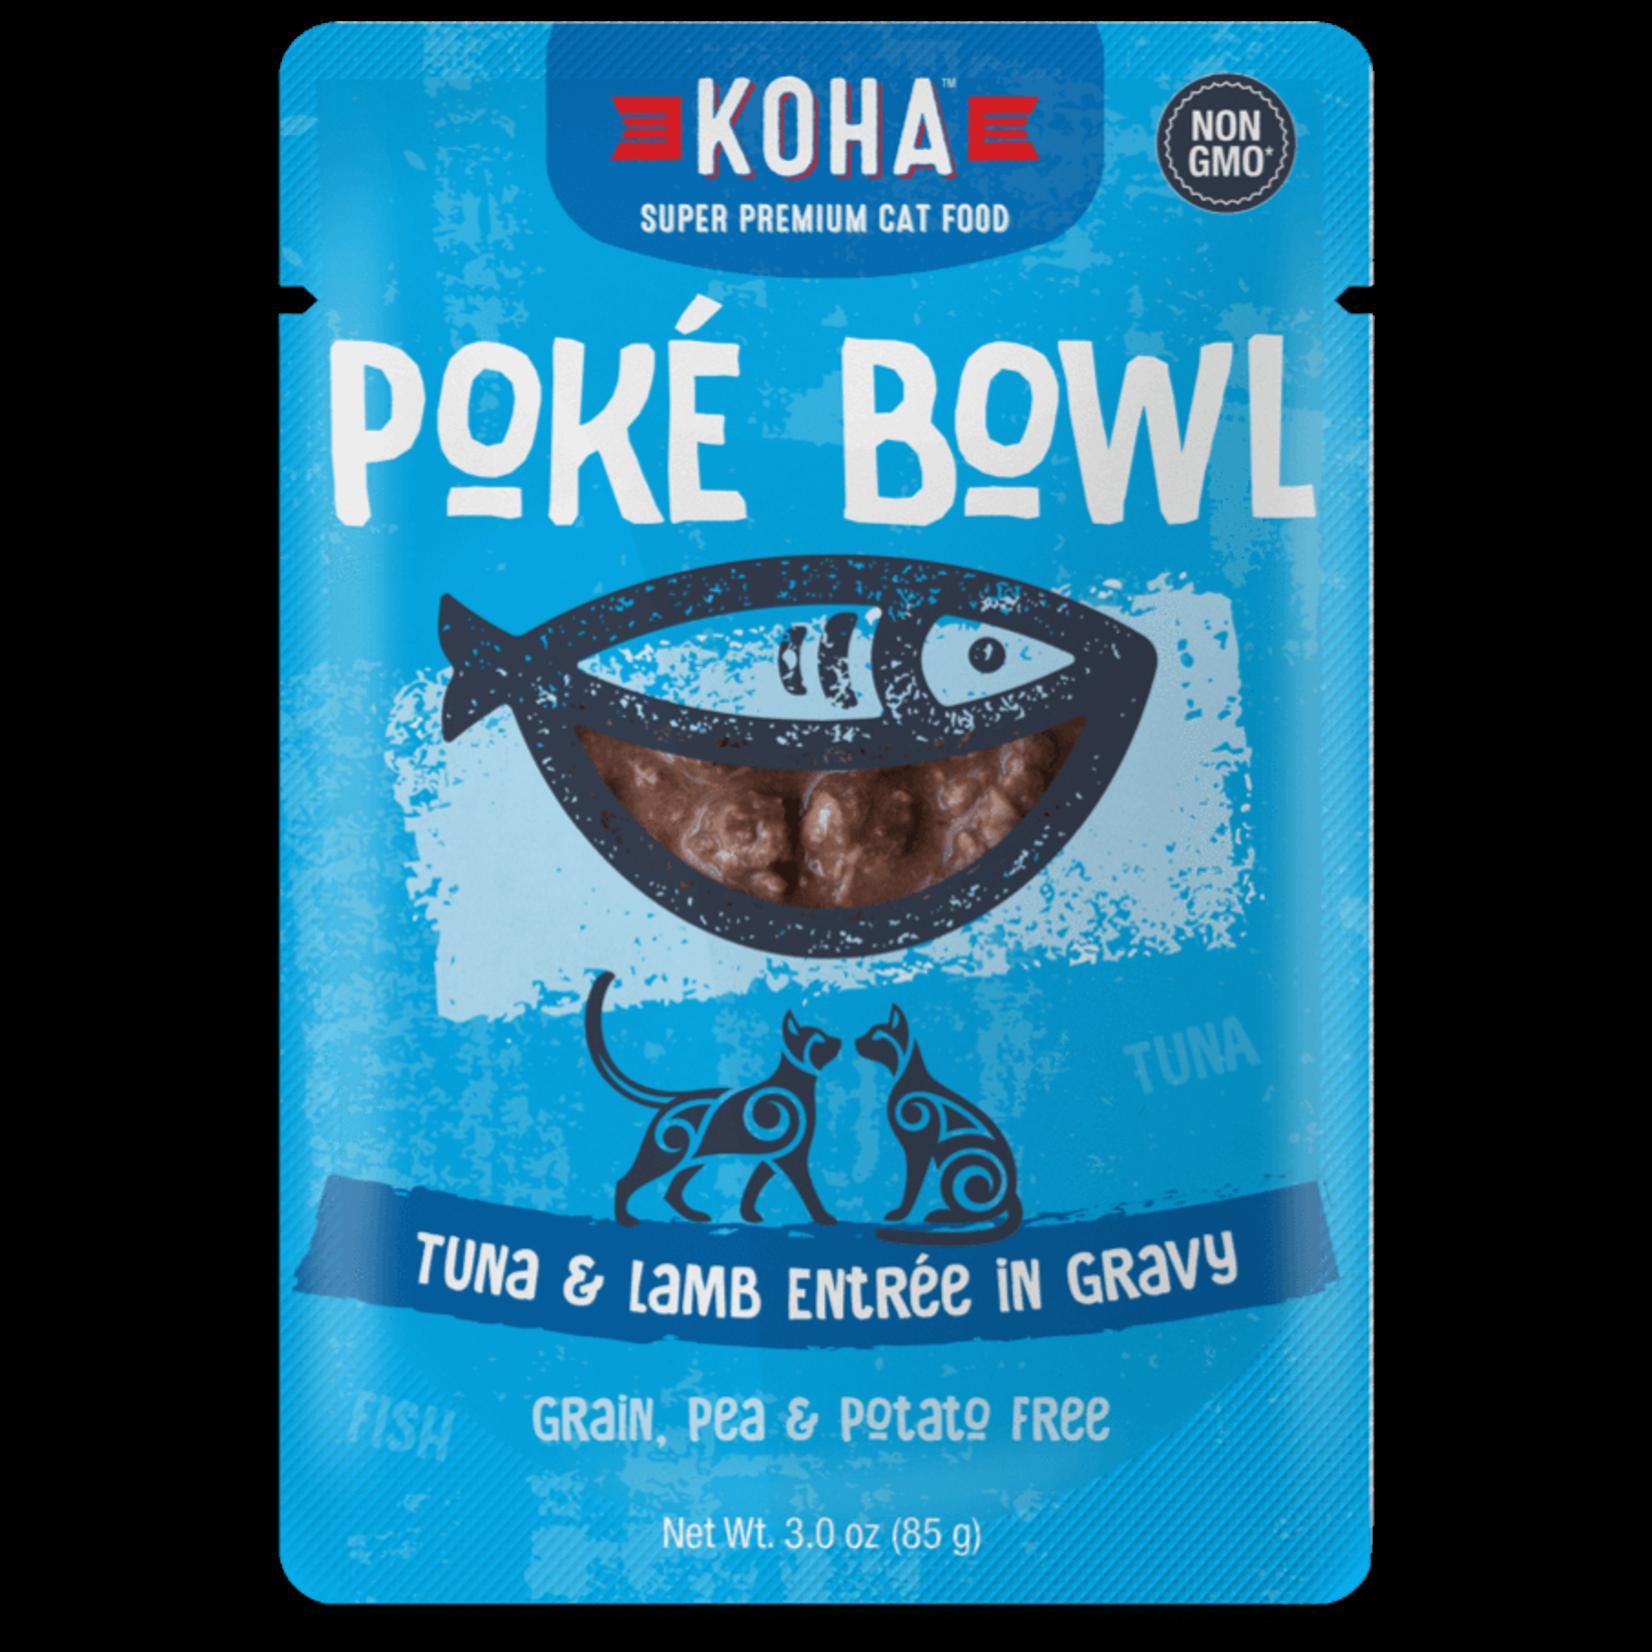 Koha KOHA Poke Bowl Tuna & Lamb In Gravy Cat Food Pouch 2.8oz - FINAL SALE No Exchanges/Returns